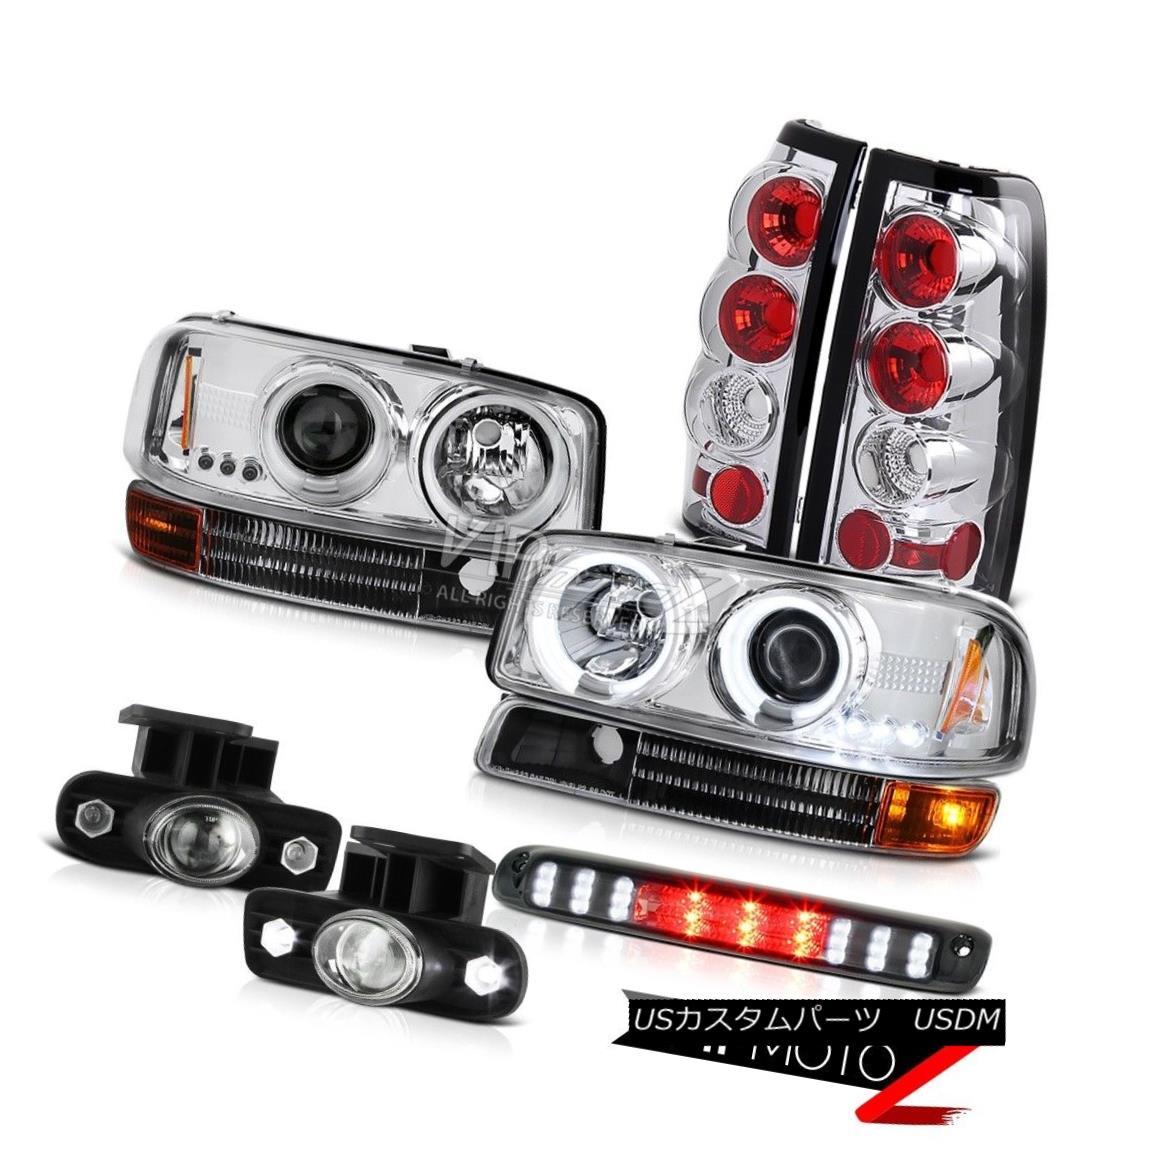 ライト・ランプ, ヘッドライト  99-02 Sierra WT Euro CCFL Halo Headlamps Altezza Tail Lights Projector Foglights 99-02 Sierra WT Euro CCFL HaloAltezza Tail Lights